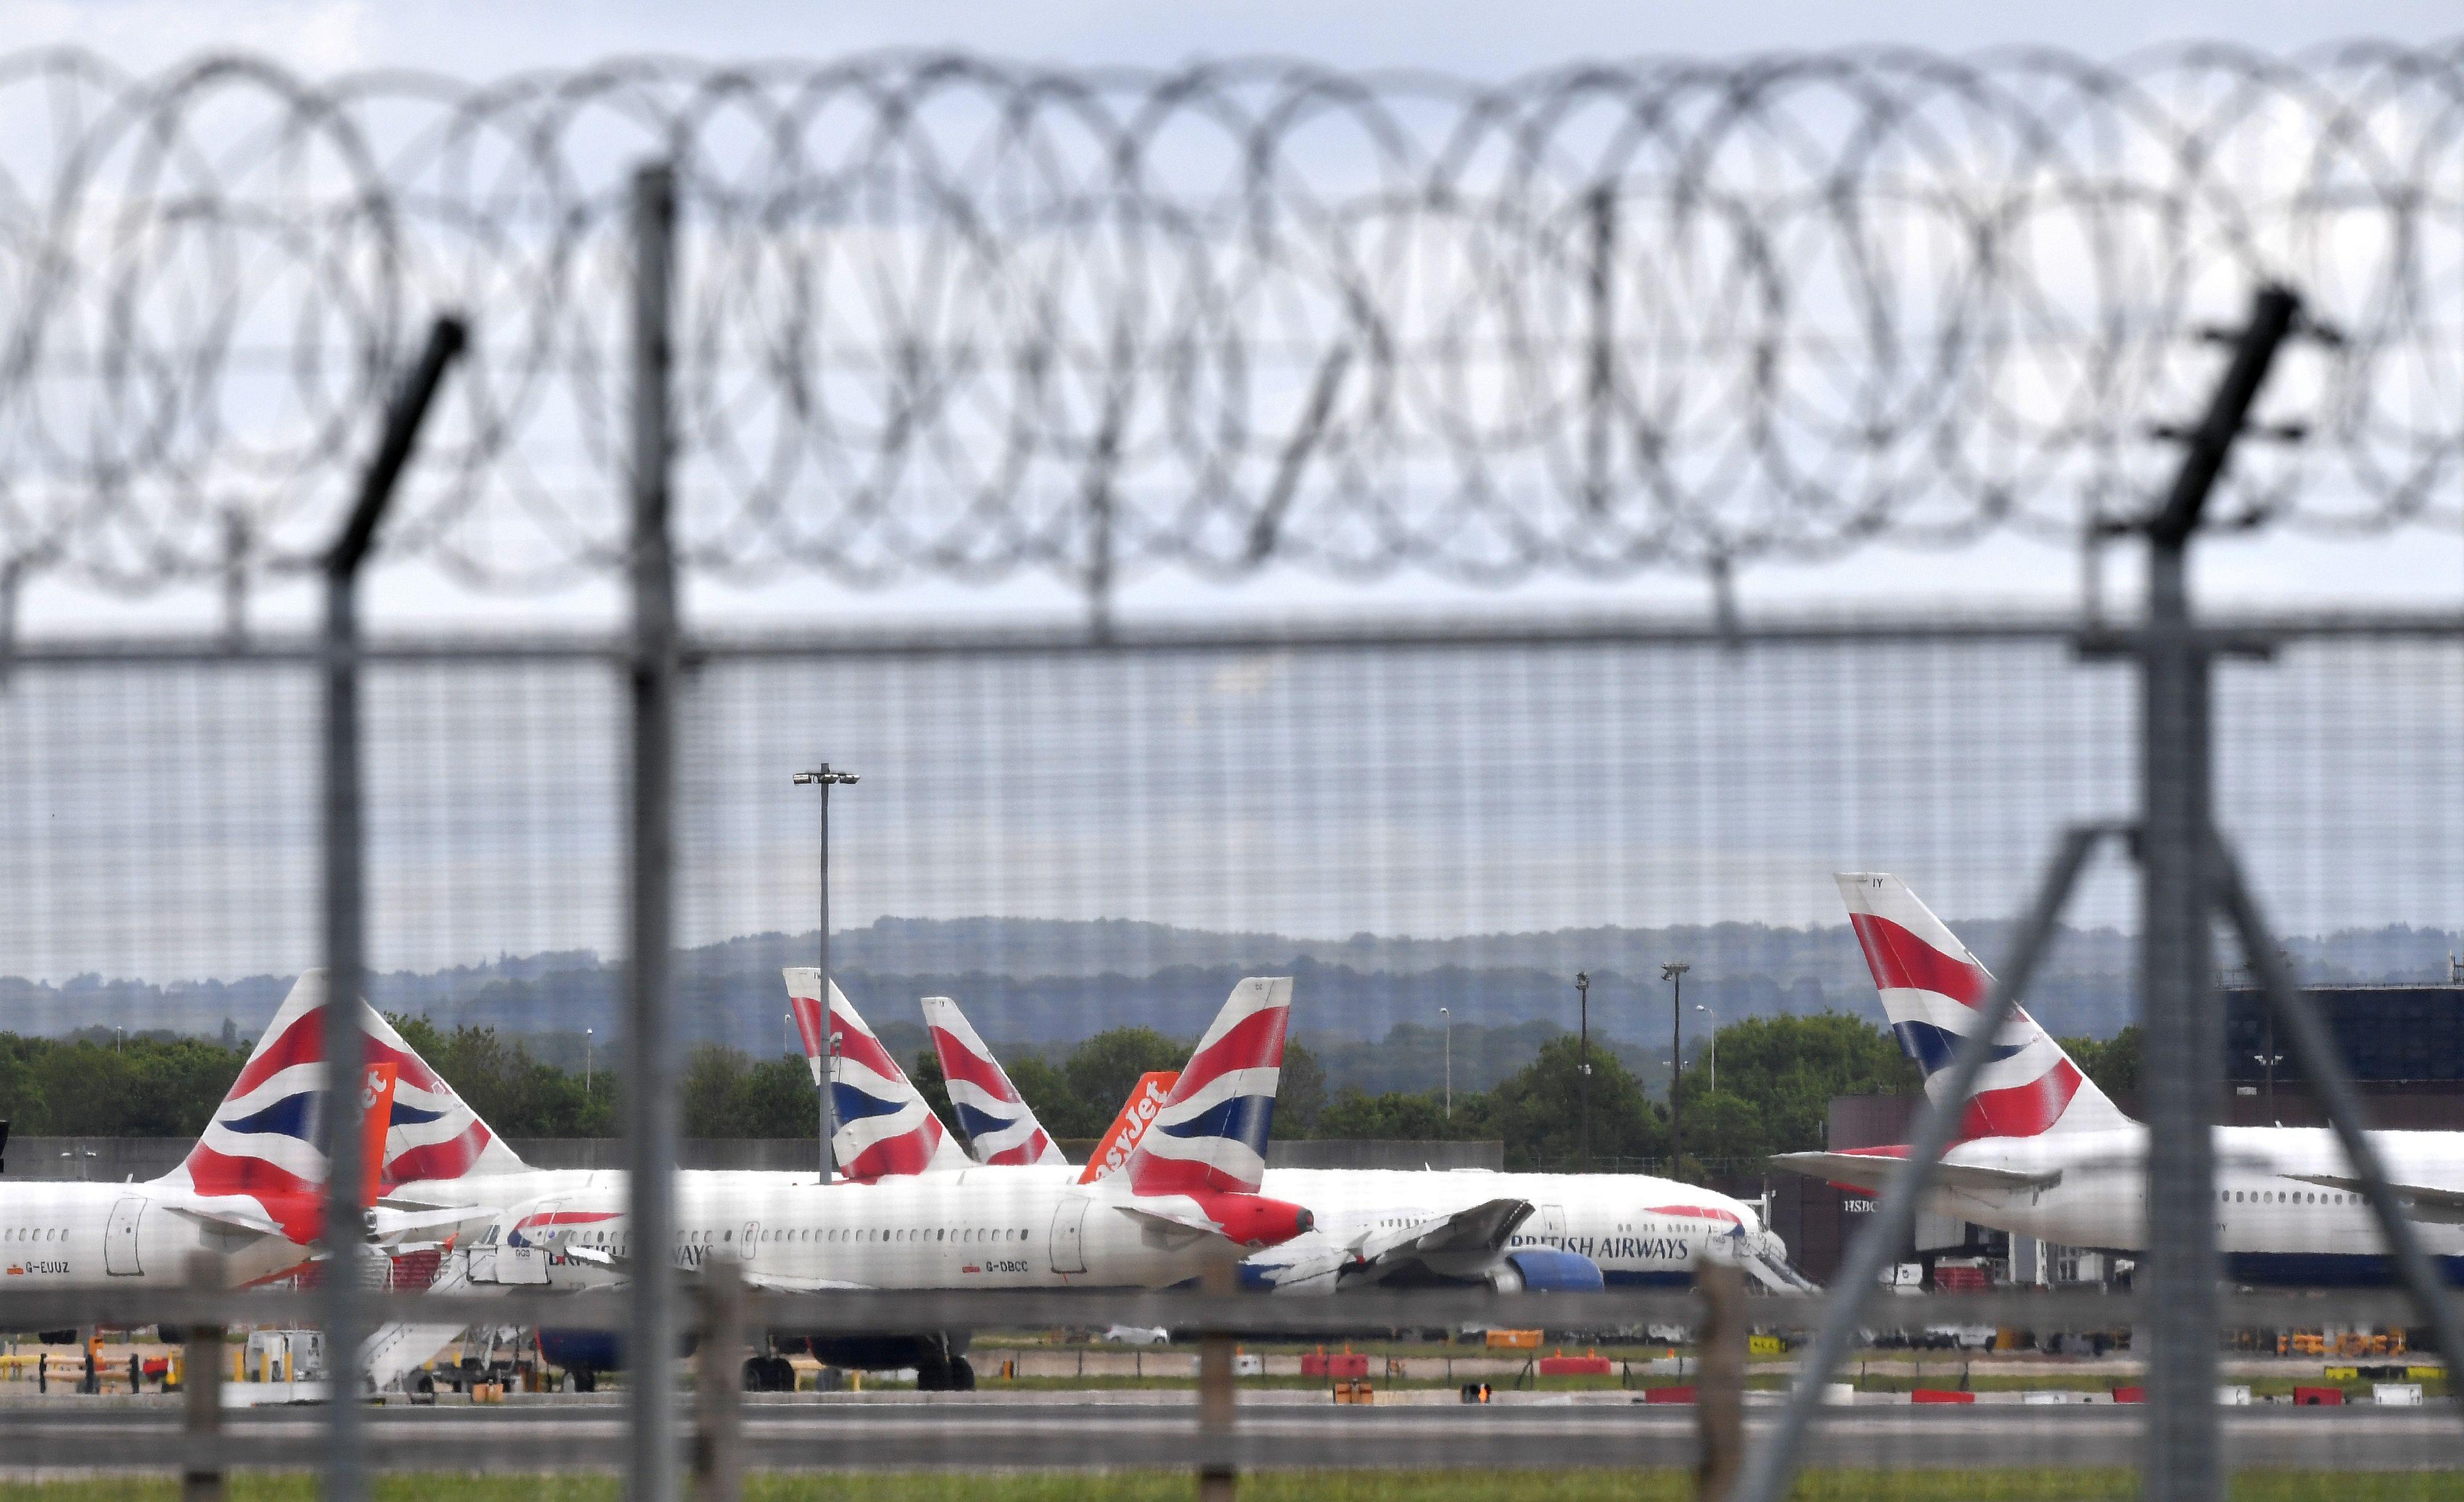 Aviones en el aeropuerto de Gatwick en una imagen de archivo.